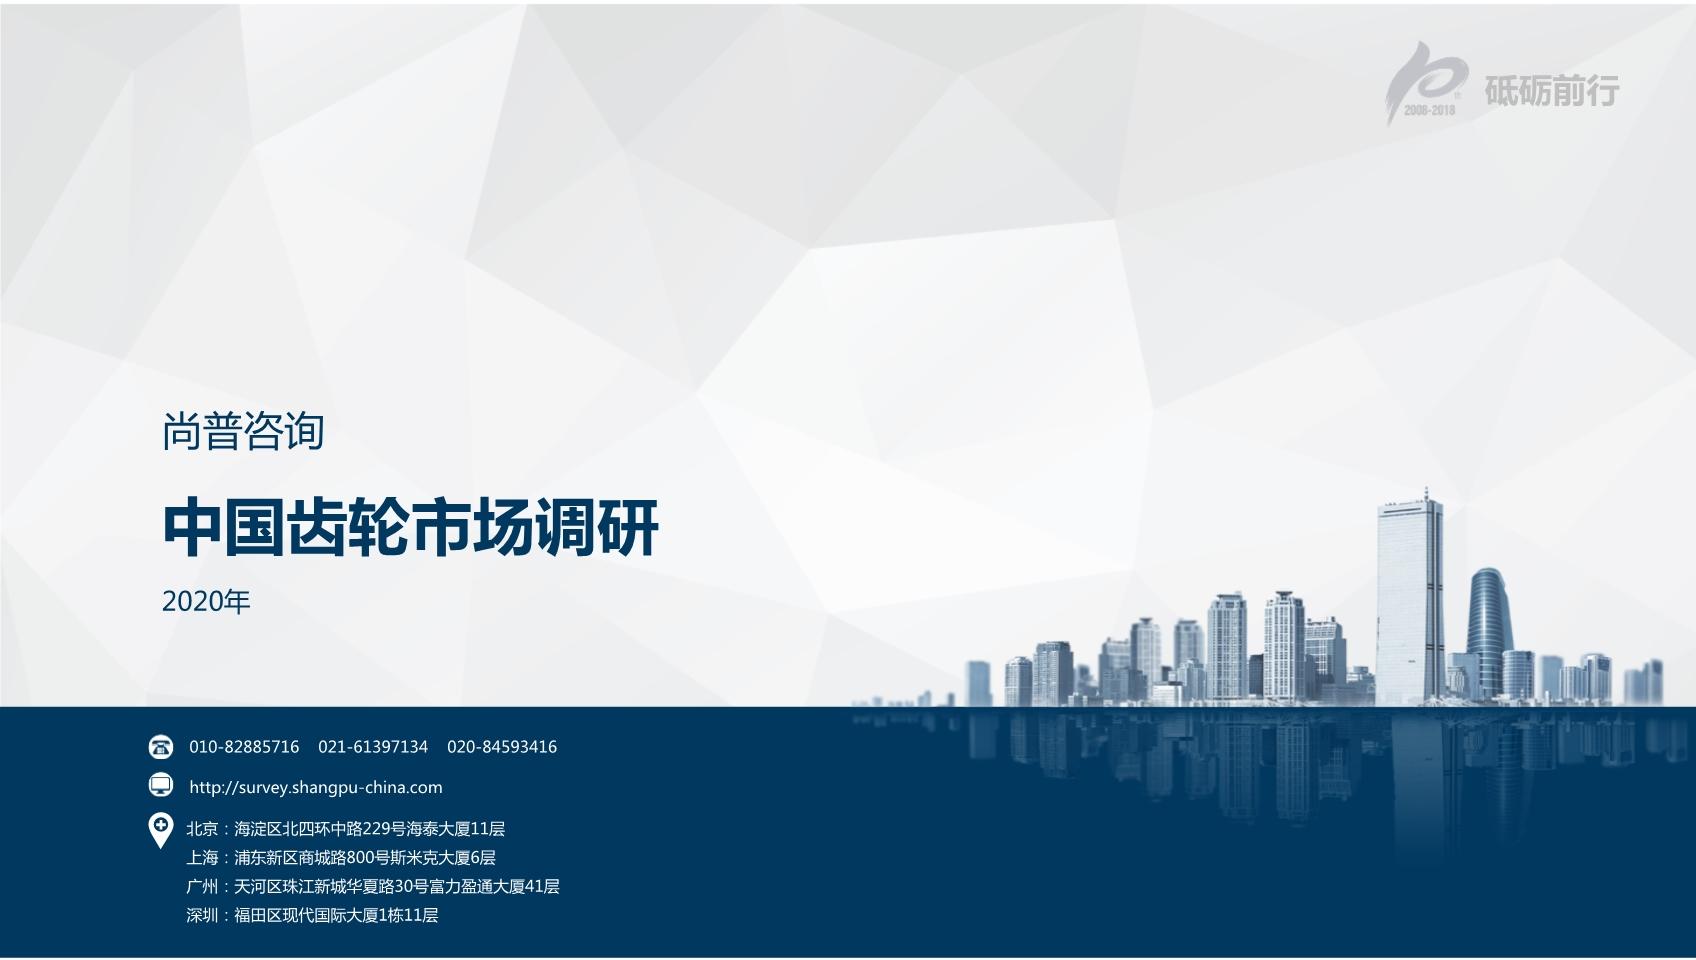 尚普咨询:2020年中国齿轮市场调研